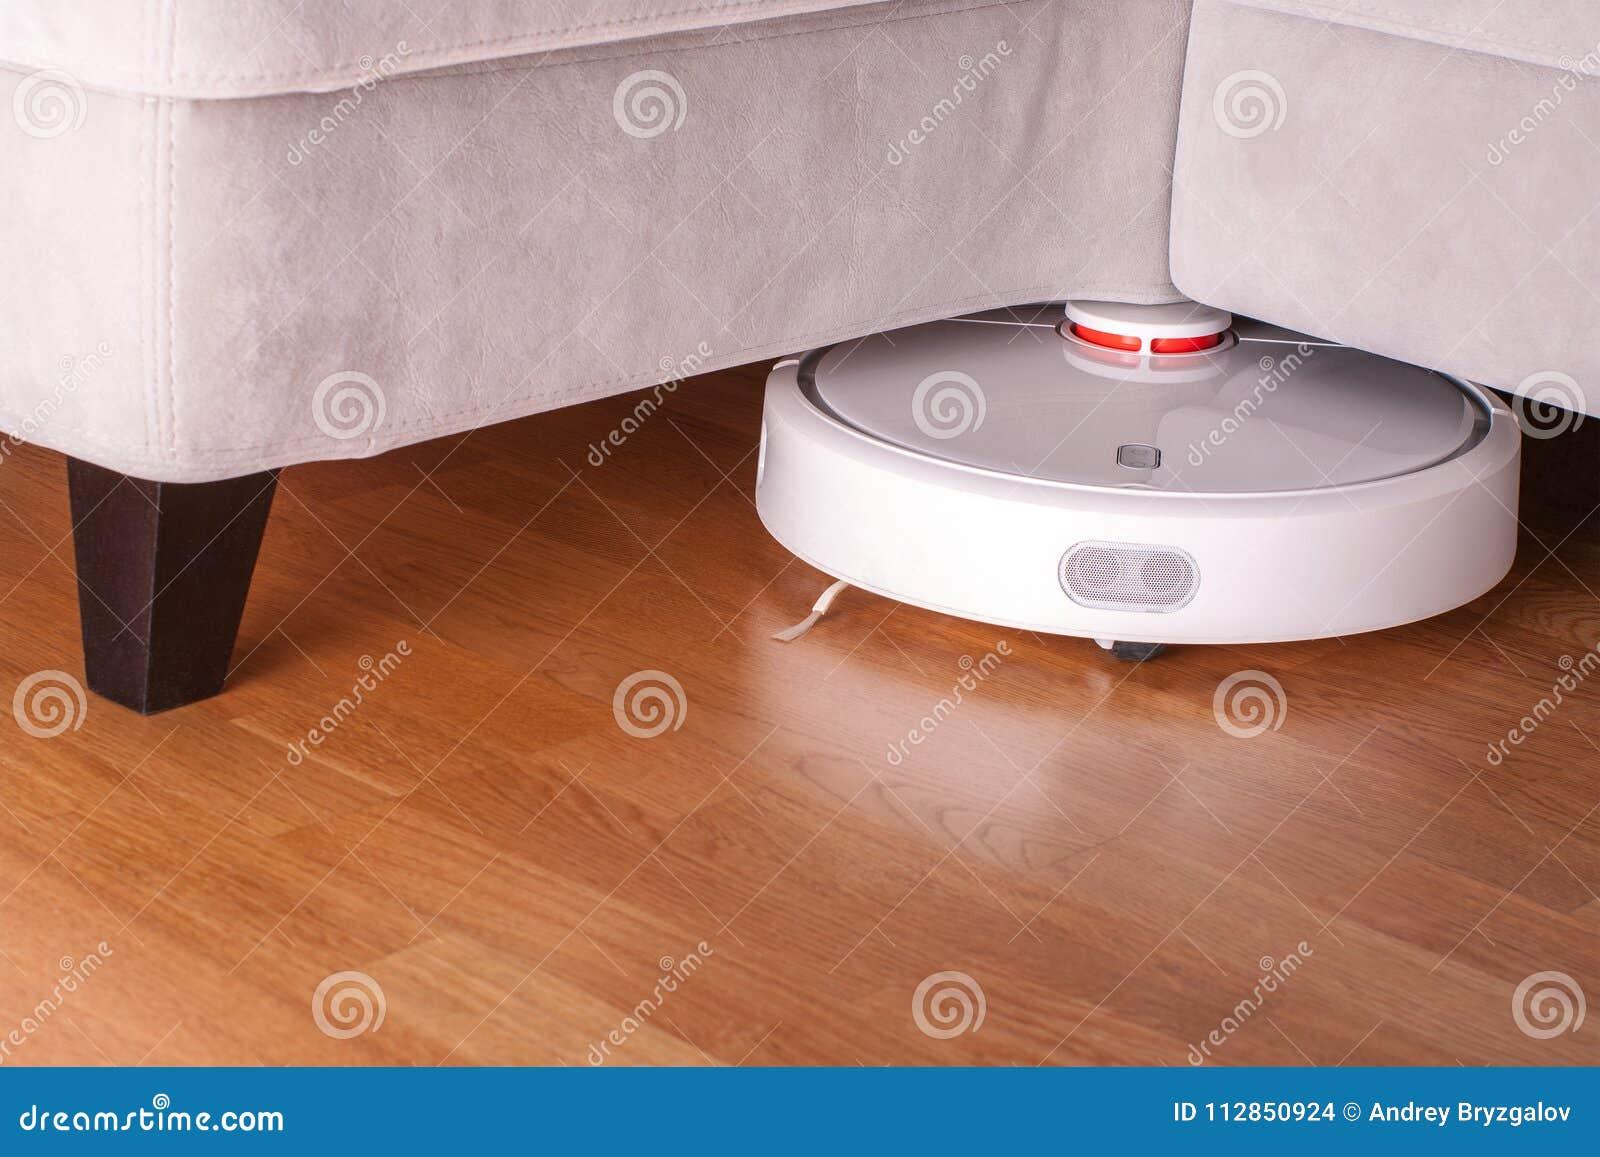 Robotic Vacuum Cleaner Runs Under Sofa In Room On Laminate